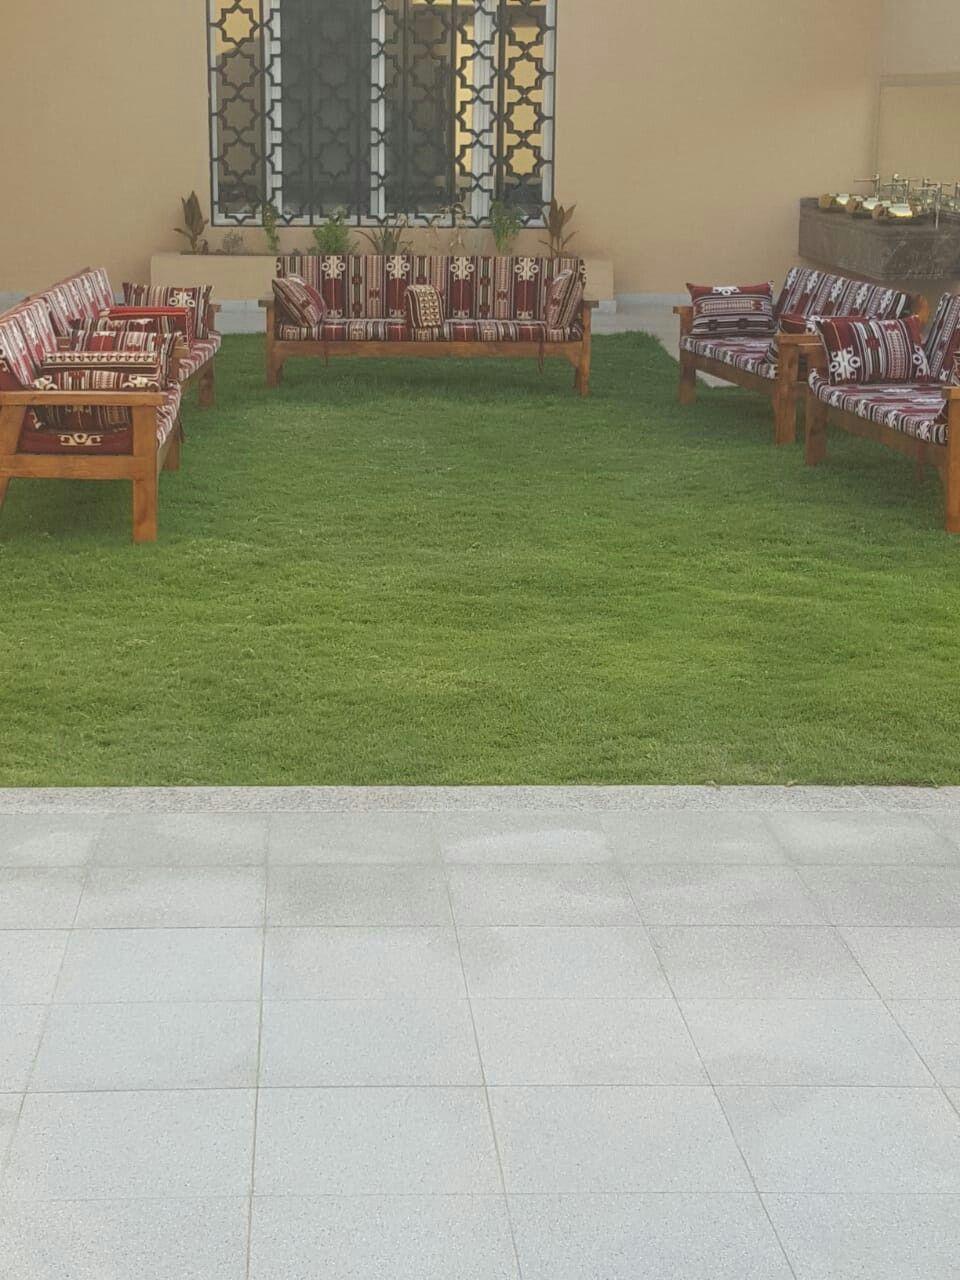 استراحة العاذرية 0501244463 استراحه للإيجار في الرياض المونسية Table Decorations Decor Home Decor